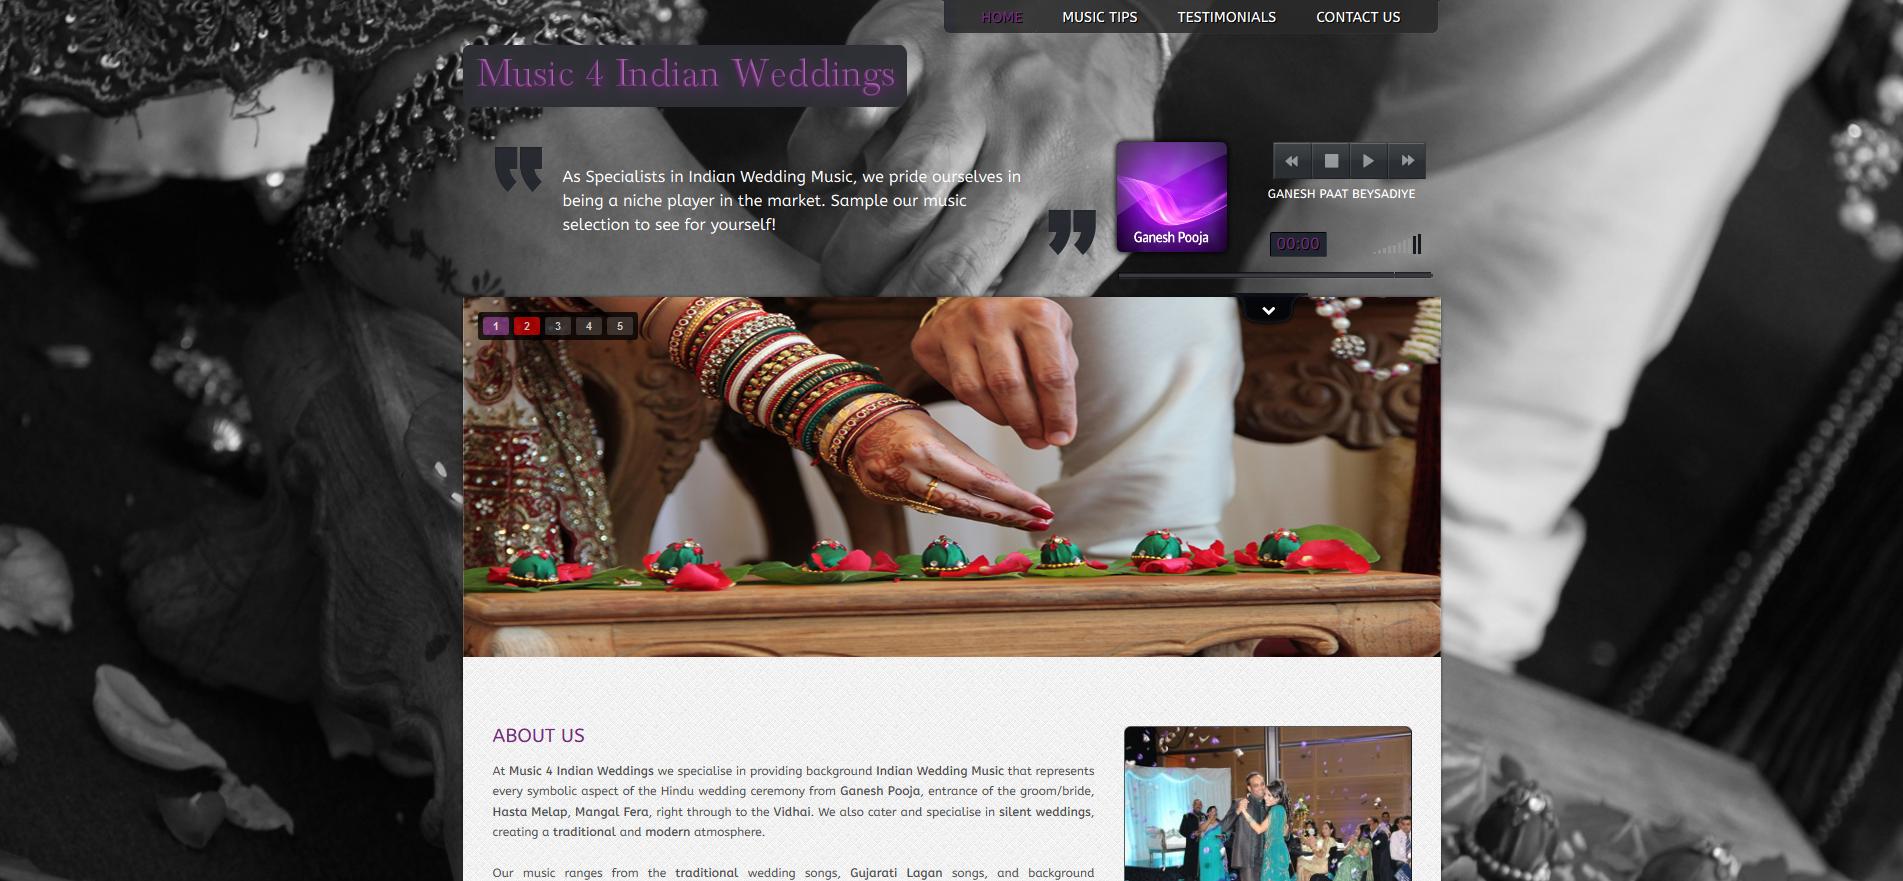 www.music4indianweddings.co.uk